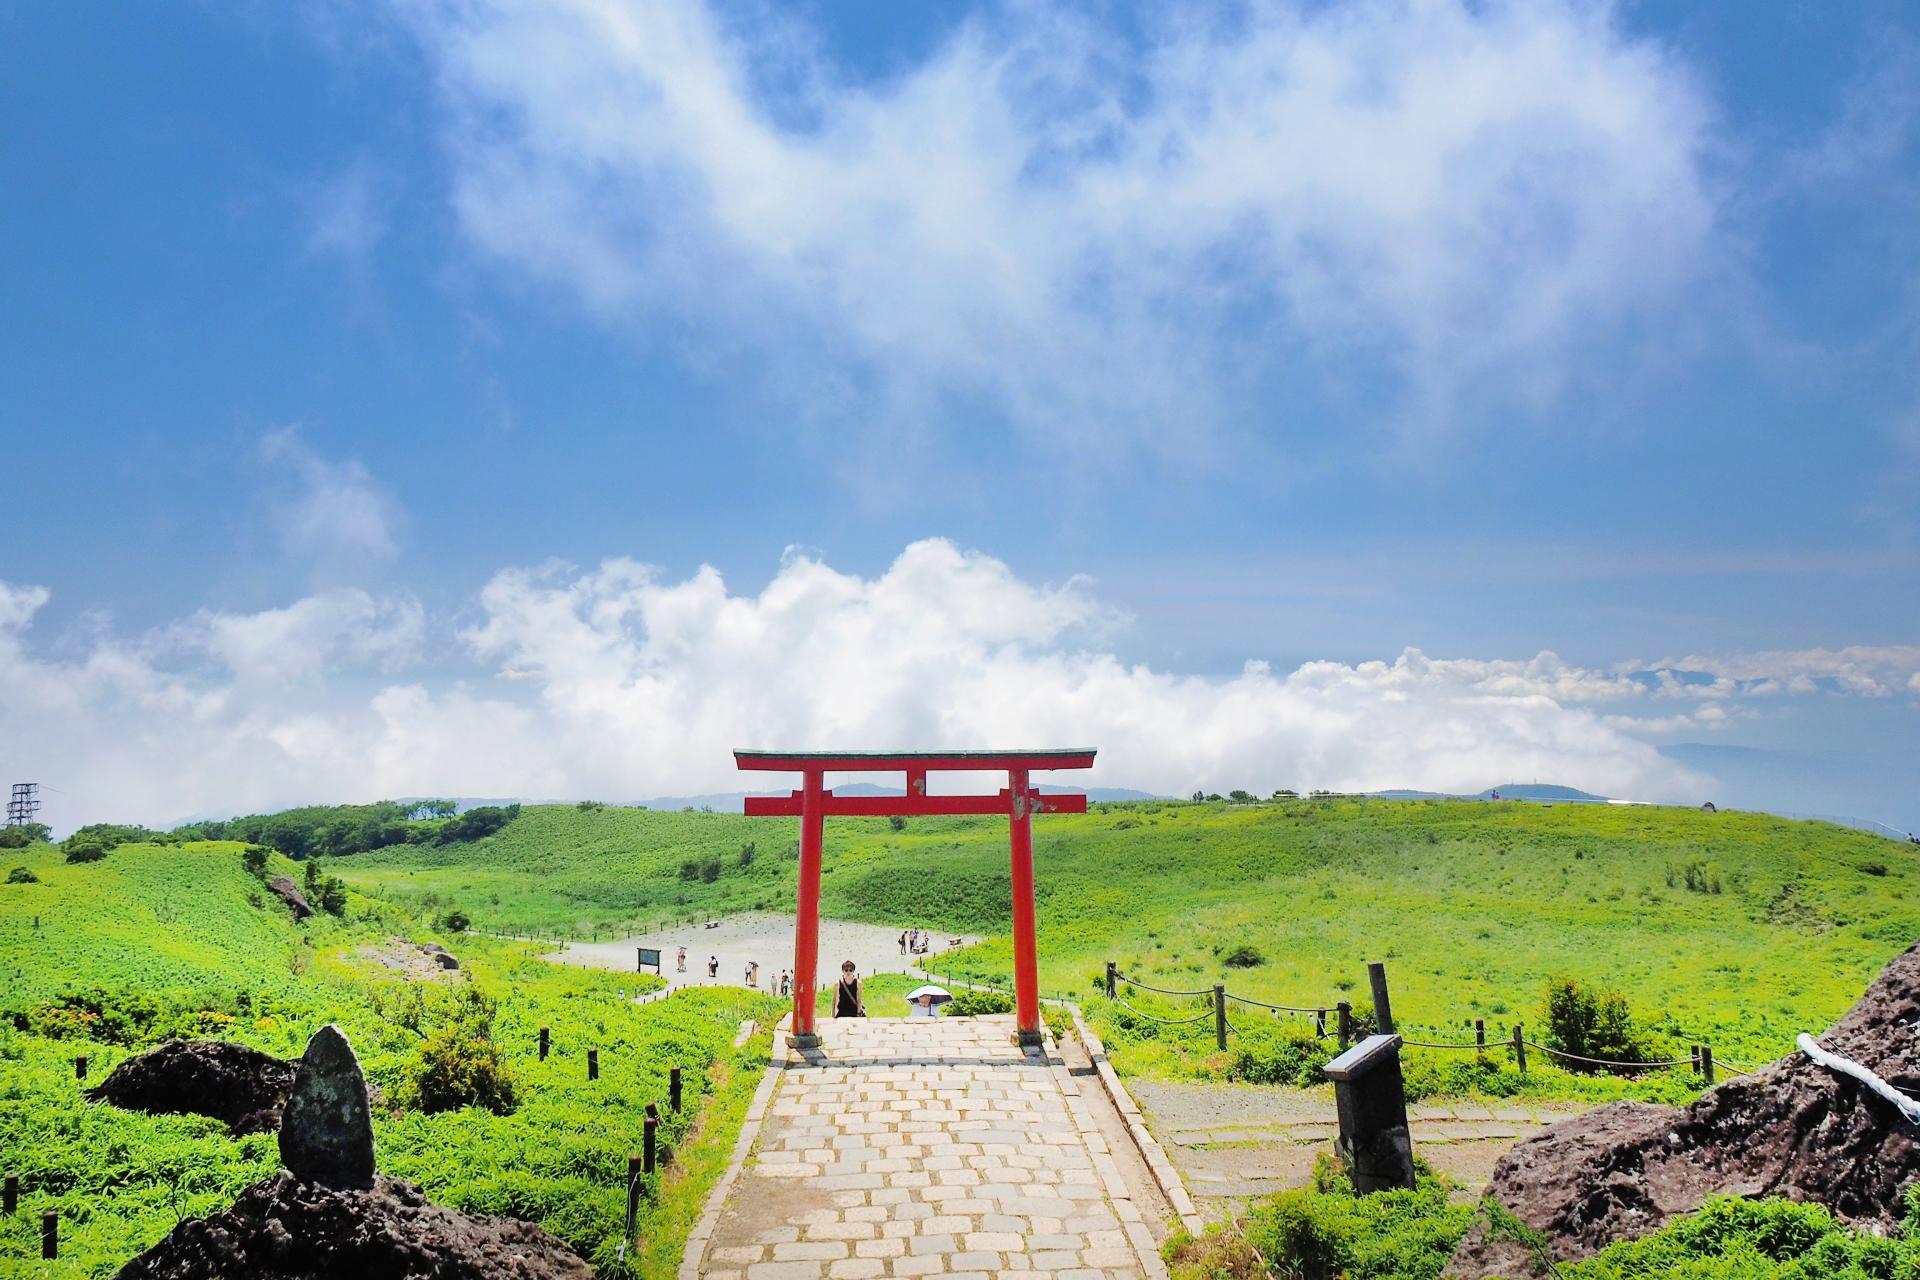 【神奈川で縁結び】恋愛+良縁&復縁の願いが叶う!神奈川県にある縁結びおすすめスポット